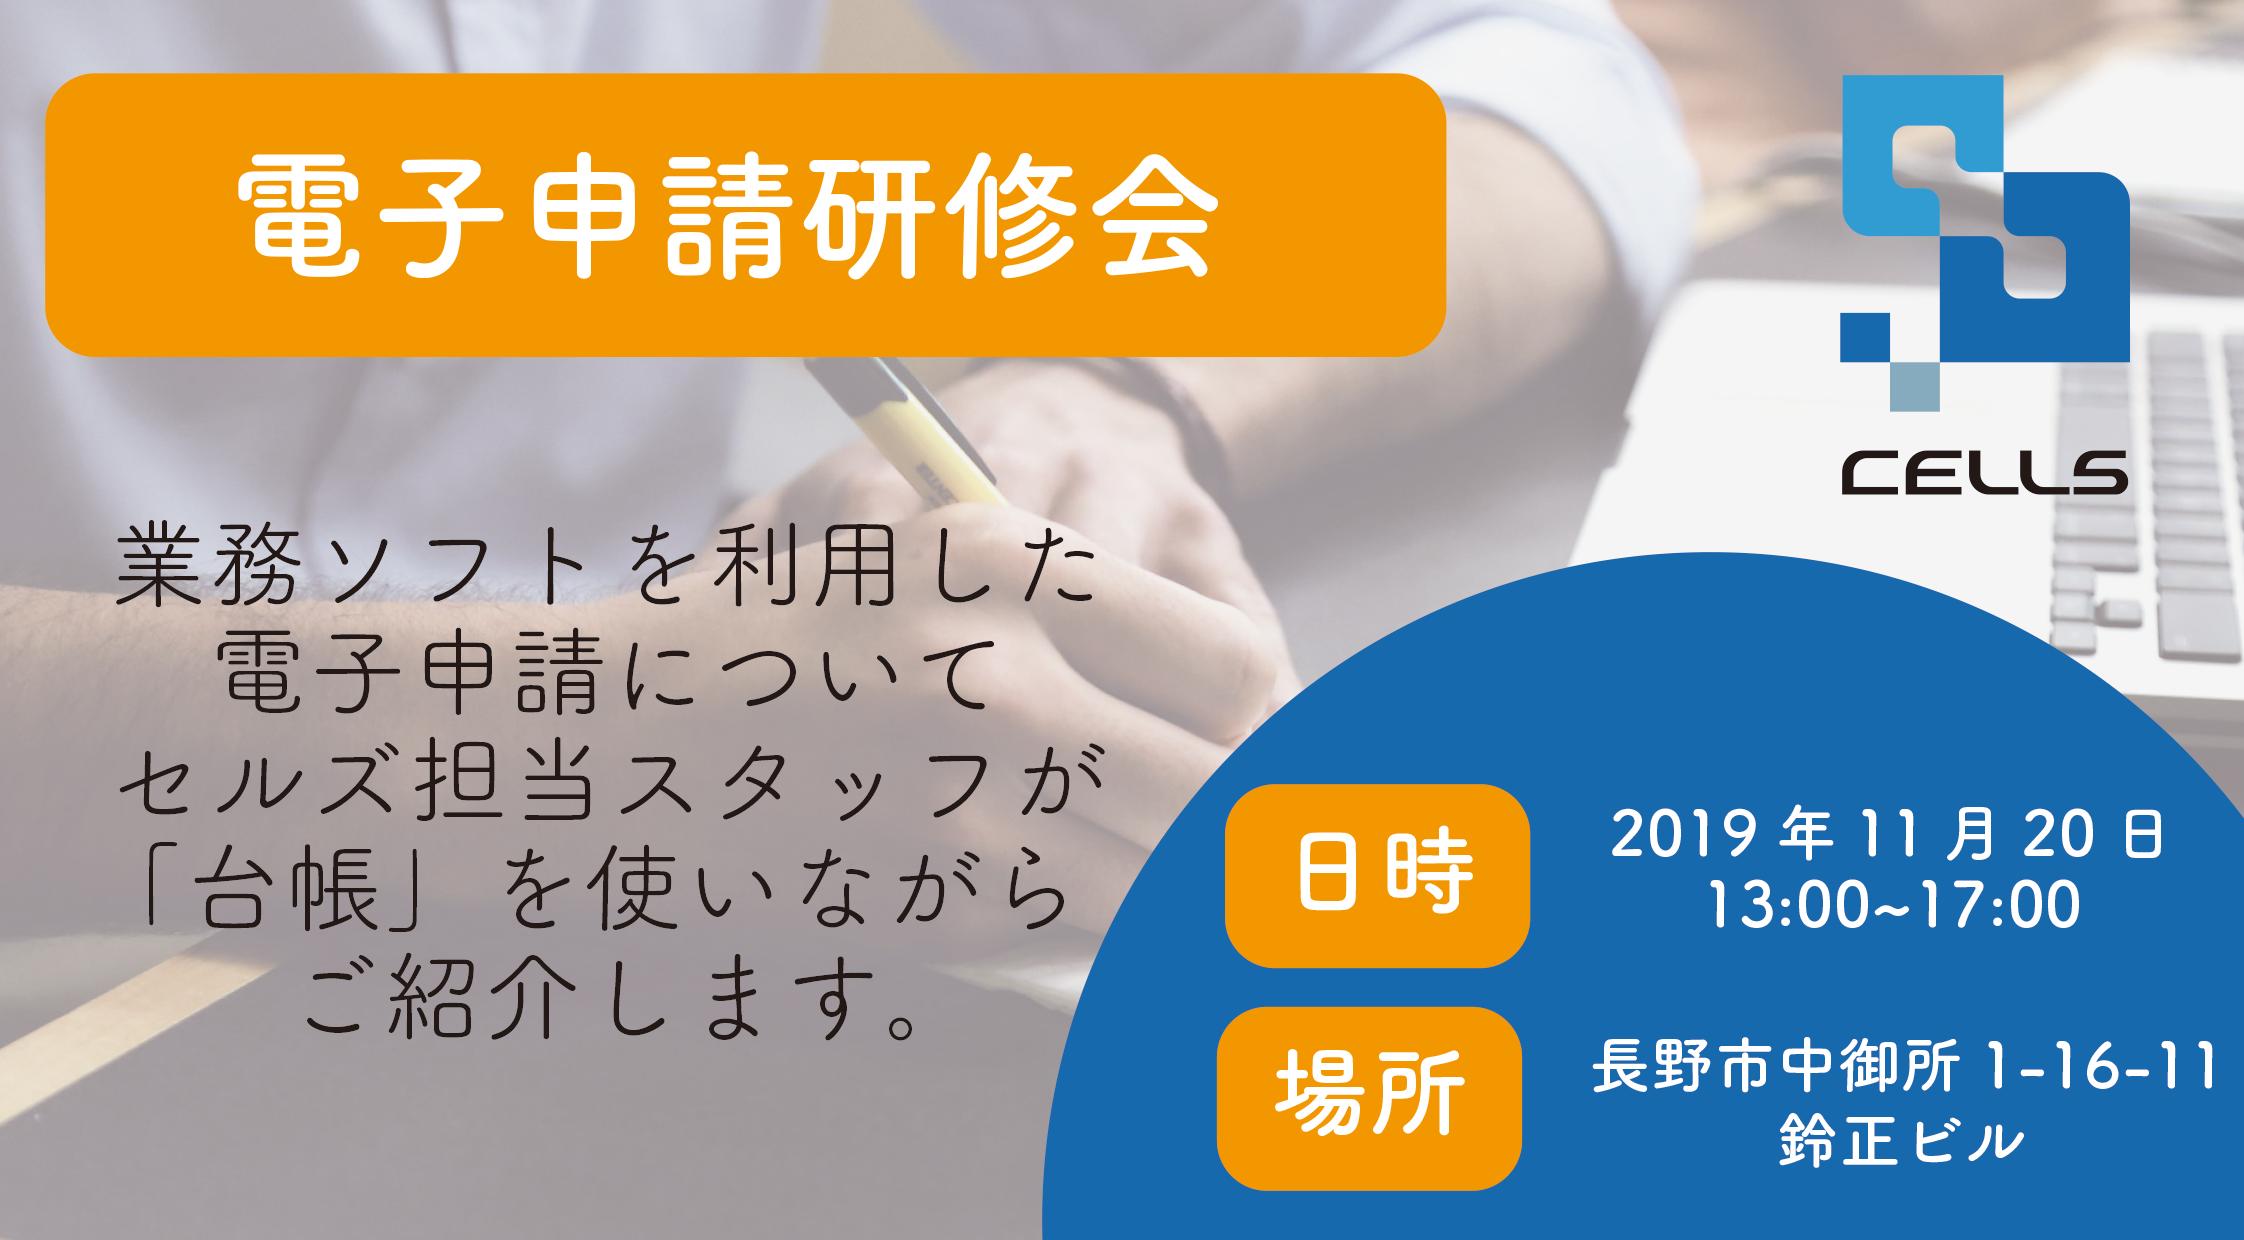 【参加決定】11月20日(水)長野県社会保険労務士会 電子申請研修会